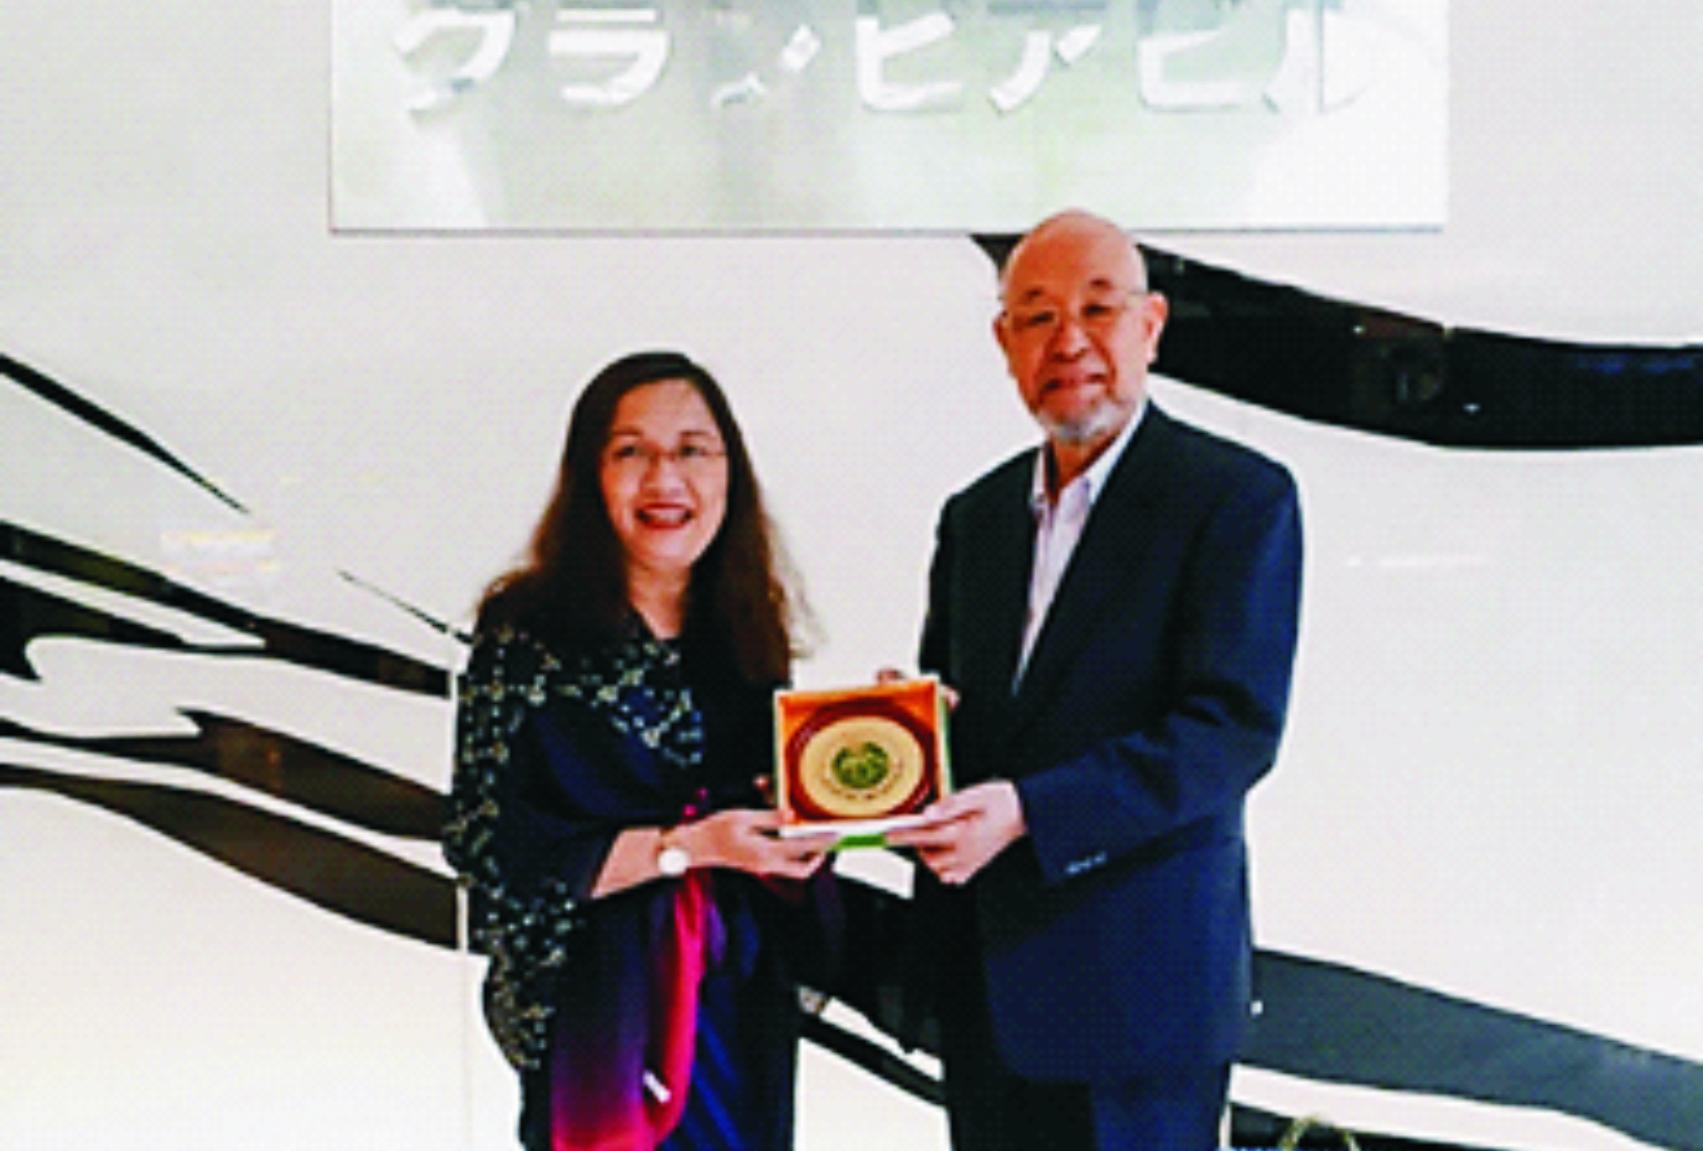 Trường Đại học Sư phạm kỹ thuật Vinh ký kết hợp tác đào tạo với Hiệp hội Reigi Sahoi Nhật Bản.